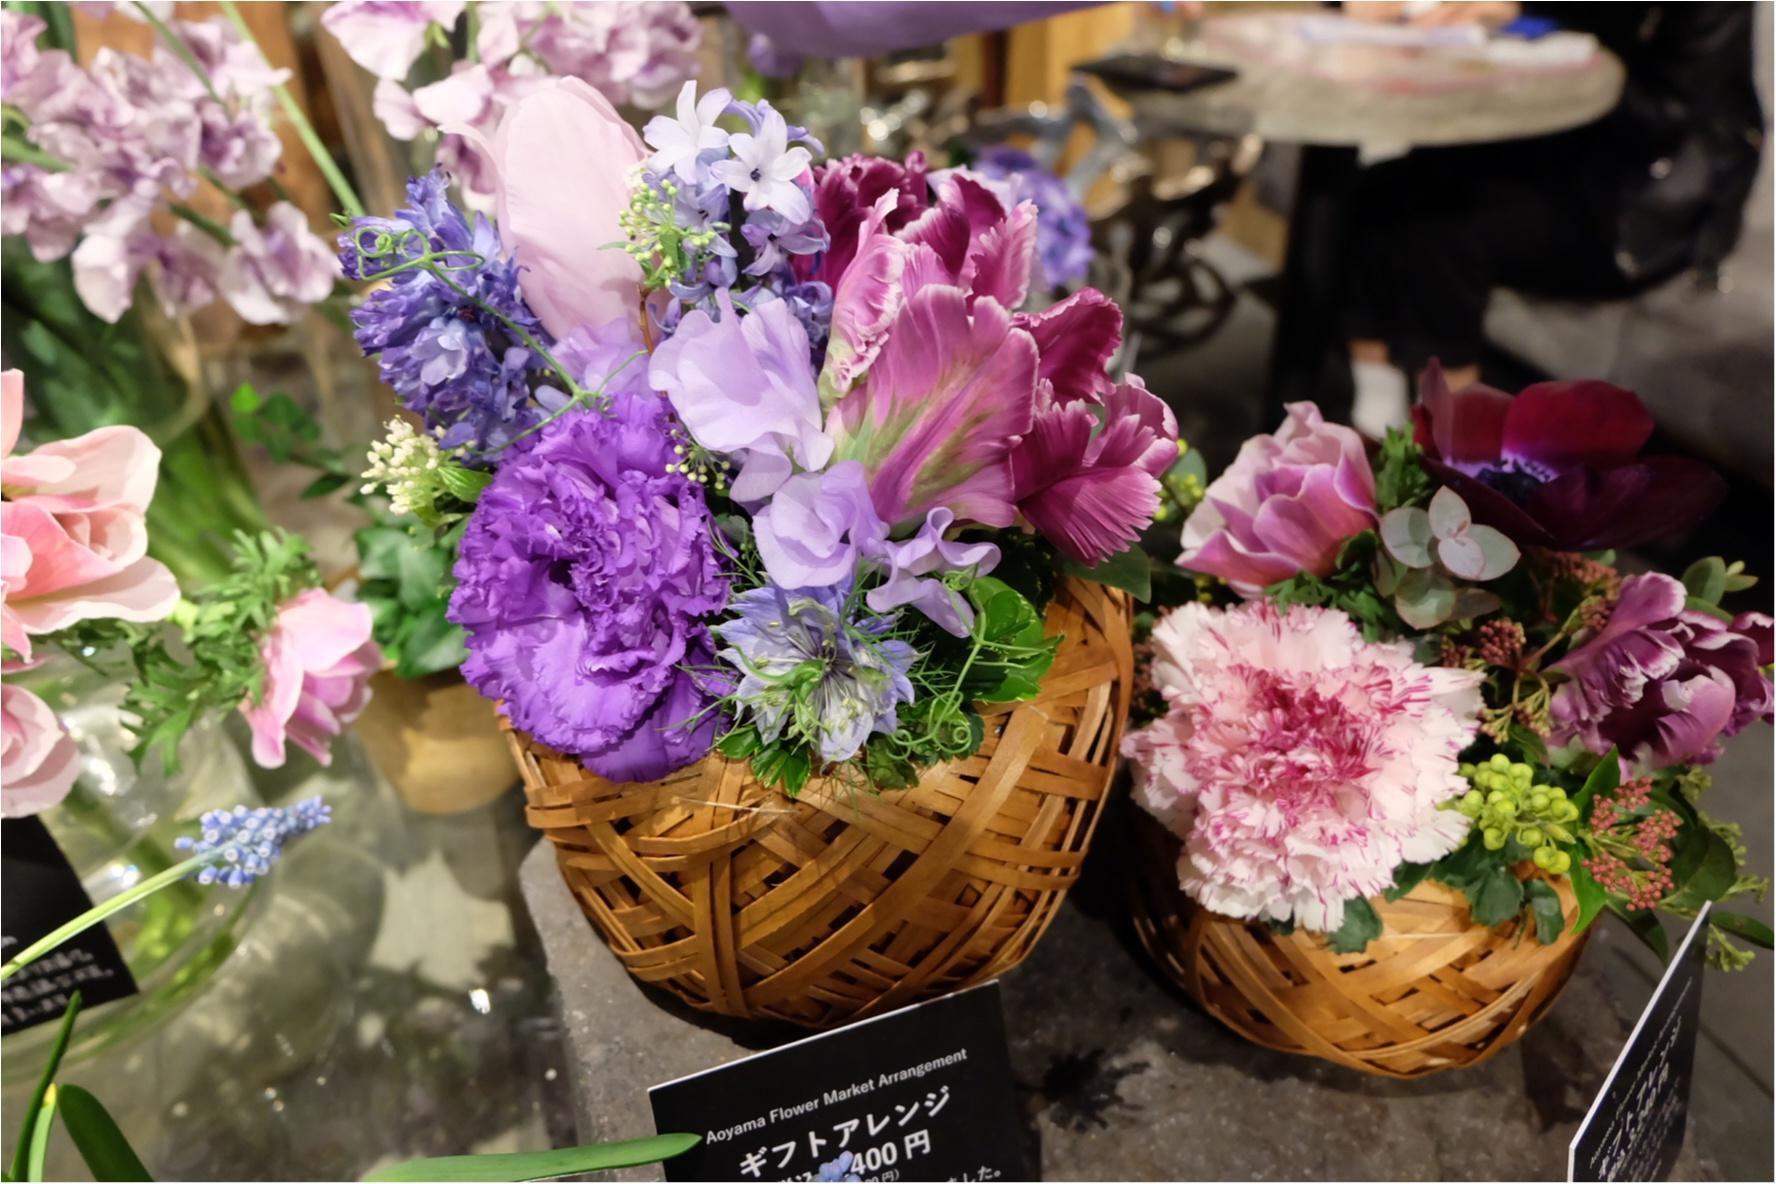 【ご当地MORE♡東京】AOYAMA FLOWER MARKET TEA HOUSEでお花に囲まれて女子会ができちゃう贅沢スポット♡_5